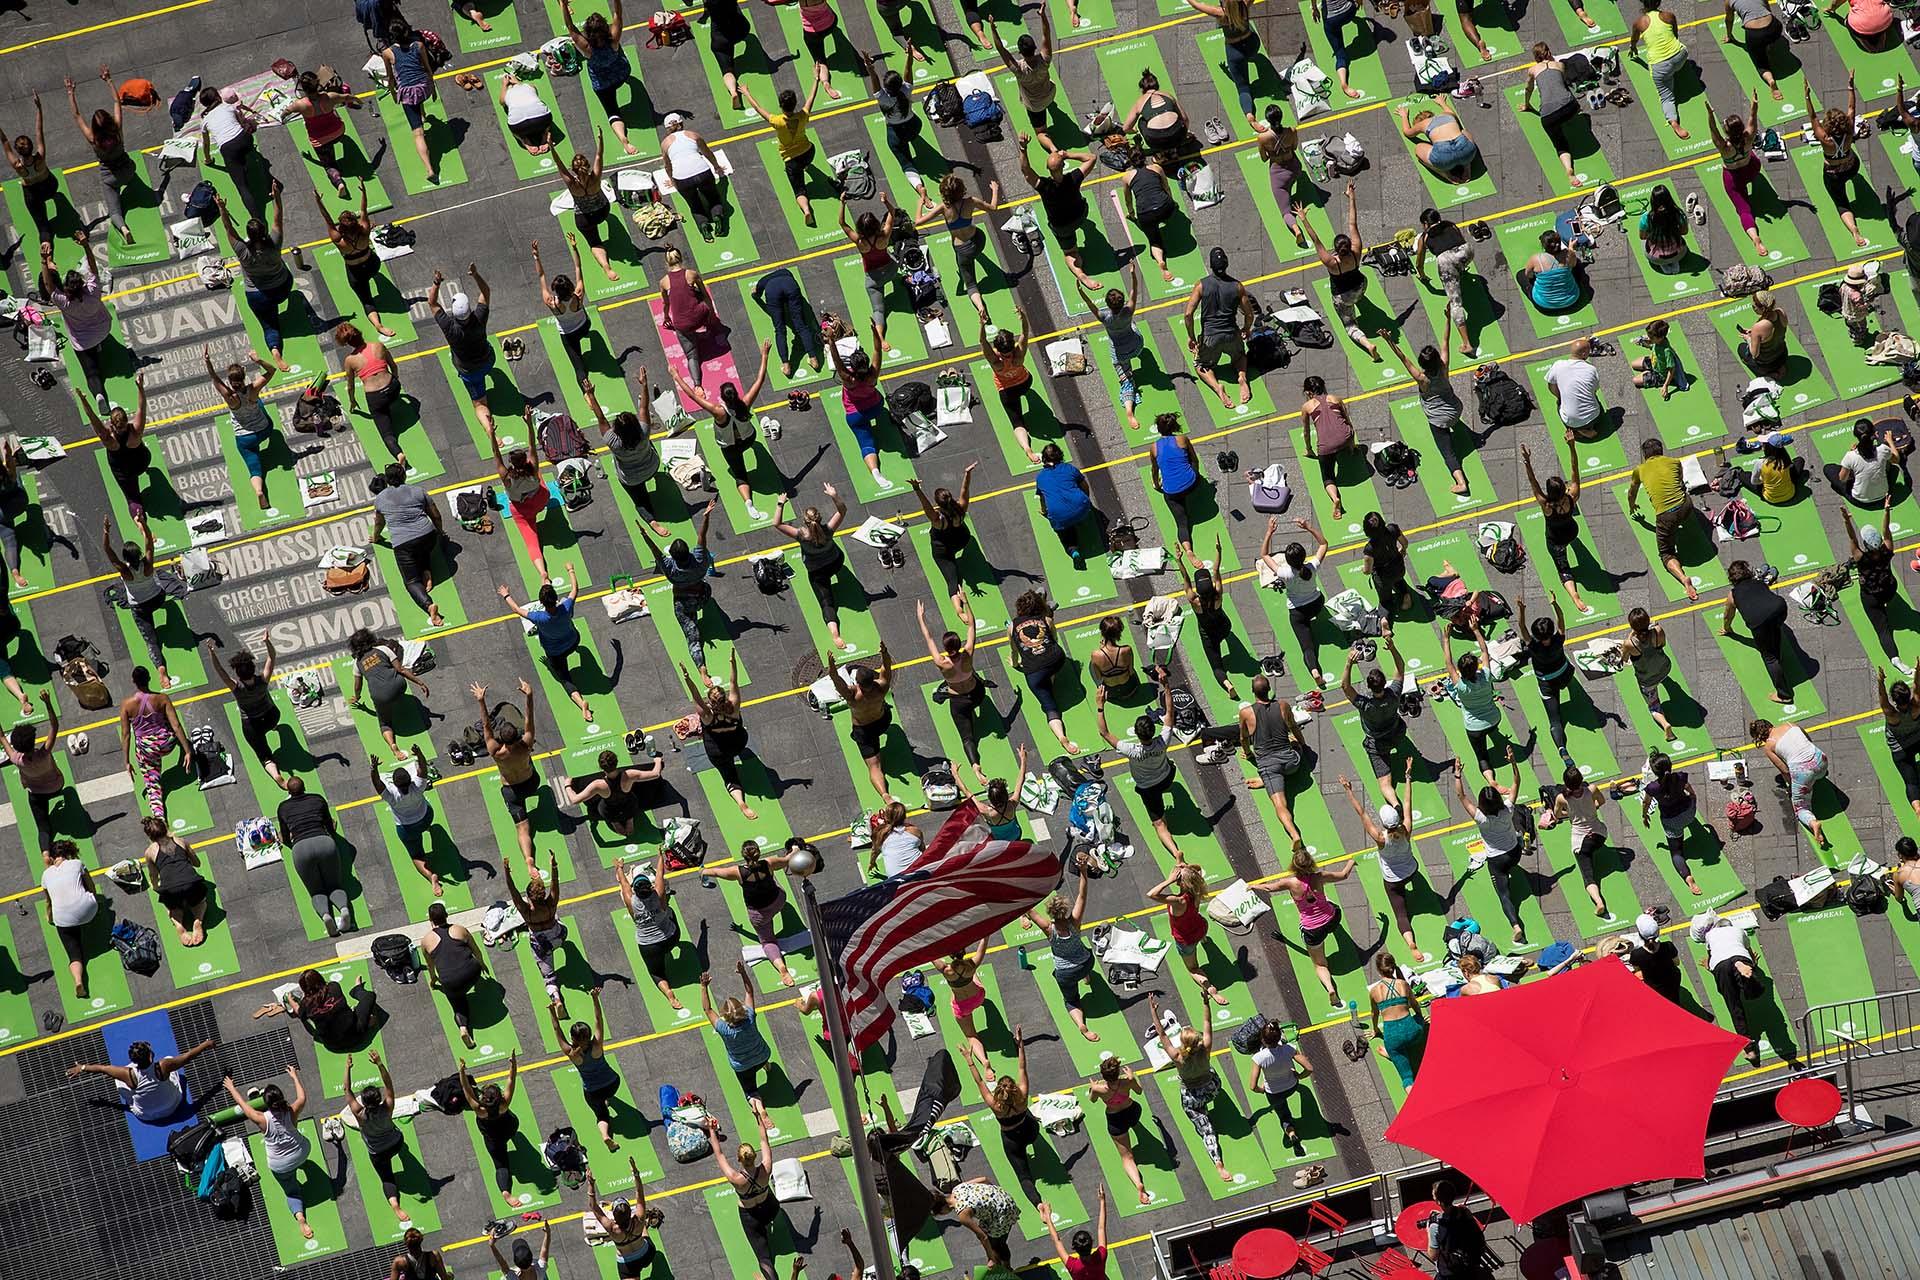 Día Mundial del Yoga en Time Sqare (Drew Angerer/Getty Images/AFP)